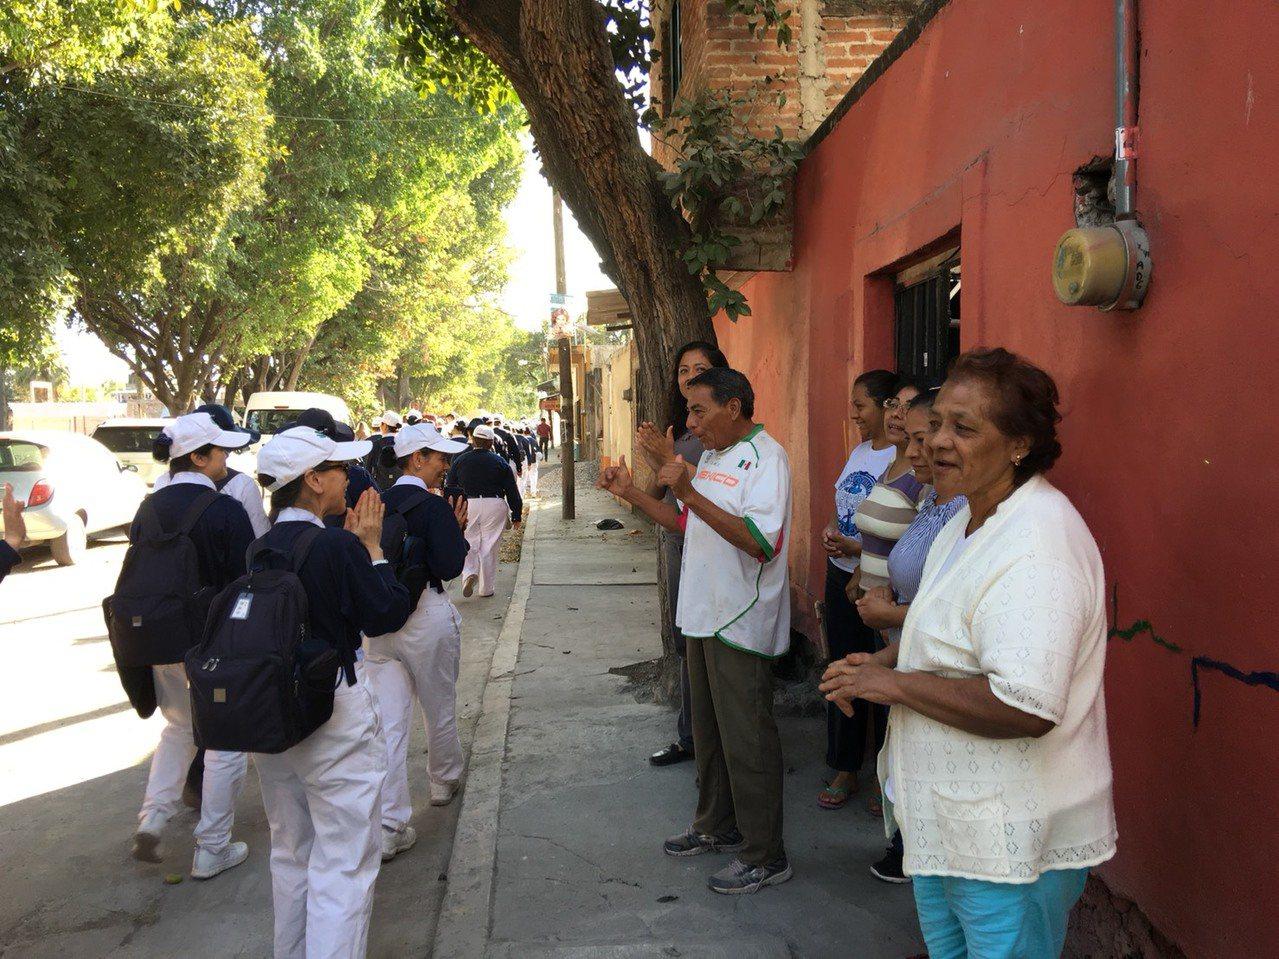 墨西哥在台灣時間9月20日發生規模7.1強震,造成上百人罹難,慈濟基金會隨即派遣...